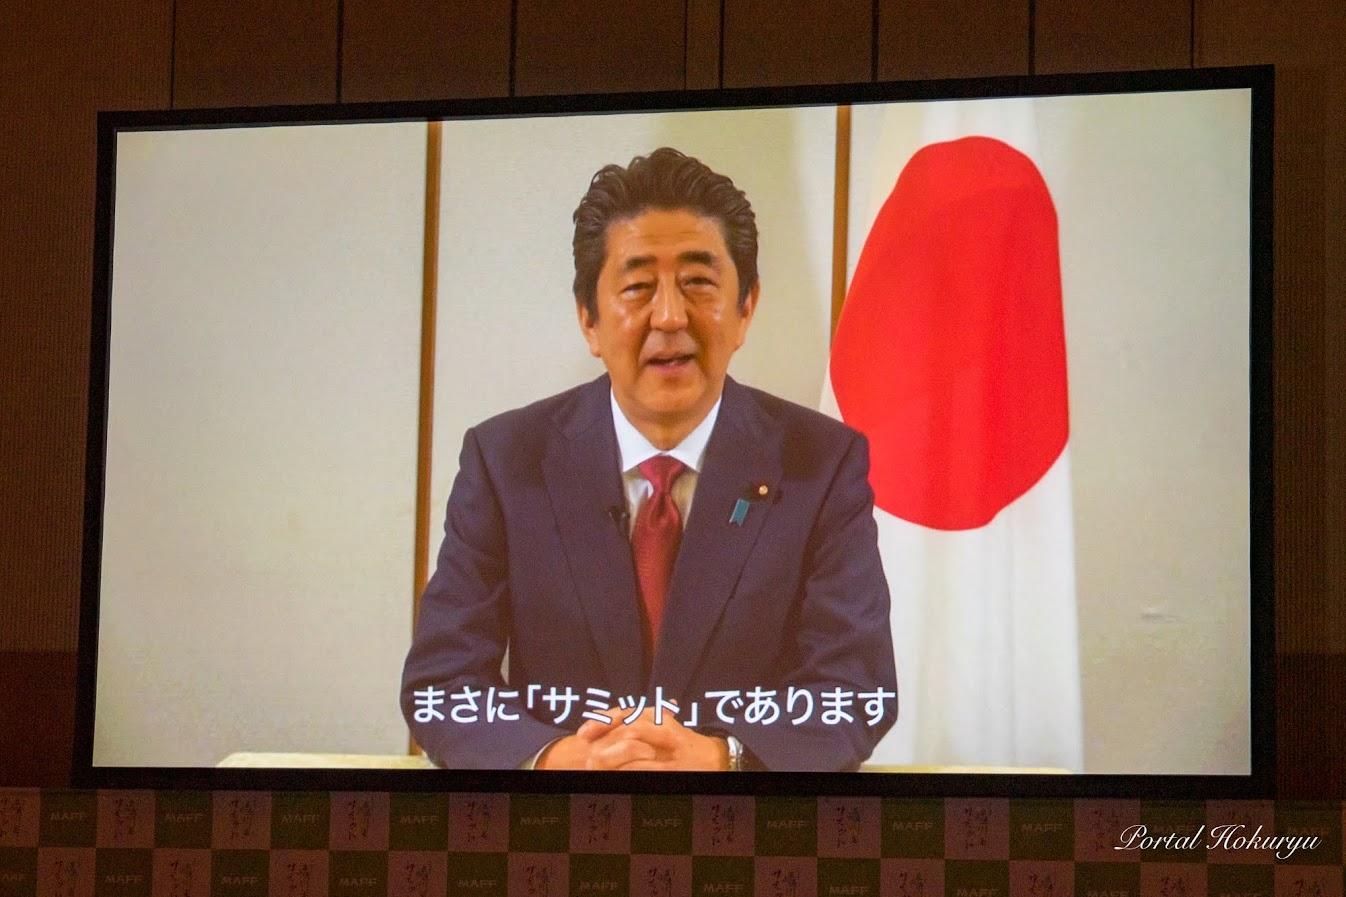 内閣総理大臣ビデオメッセージ